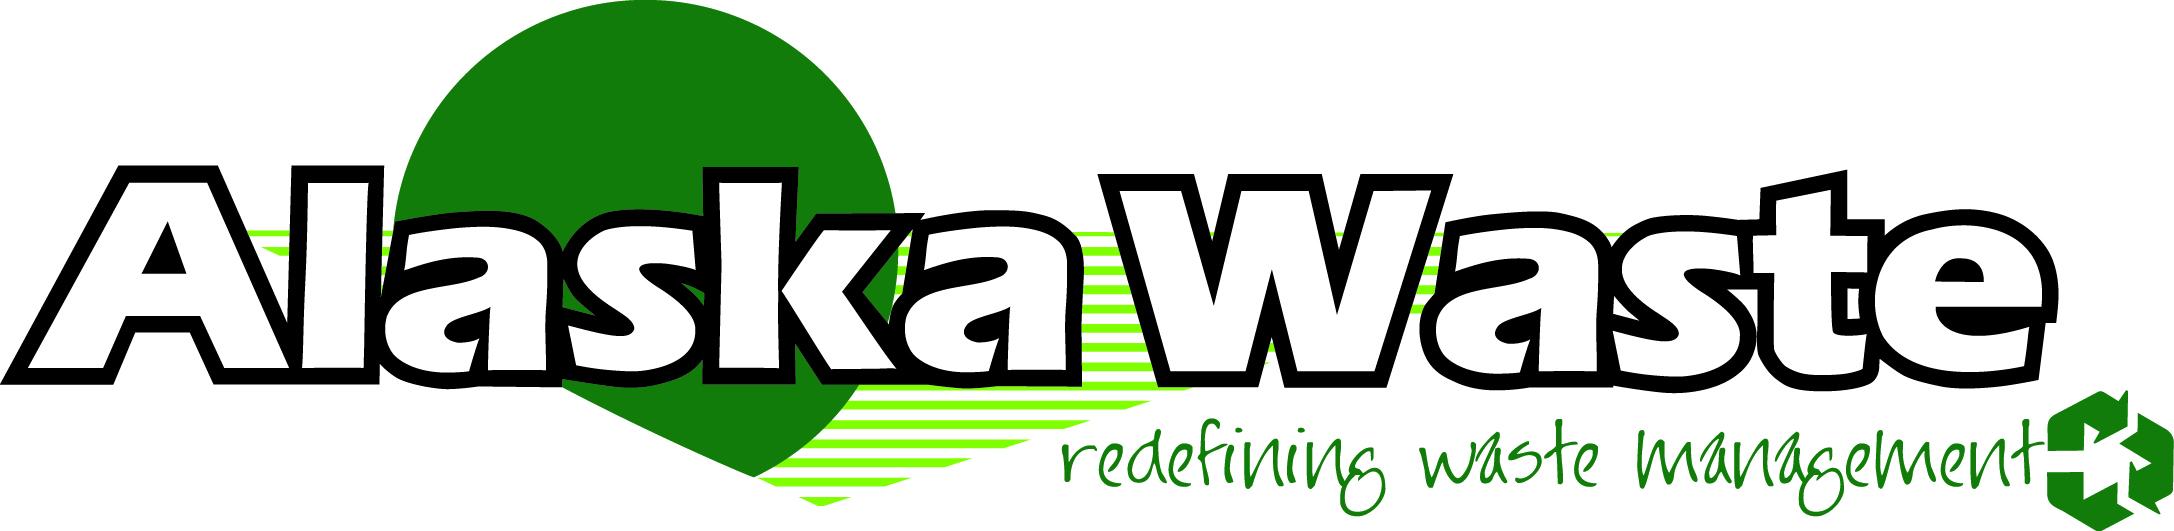 Alaska-Waste-Logo-FC-2011.jpg